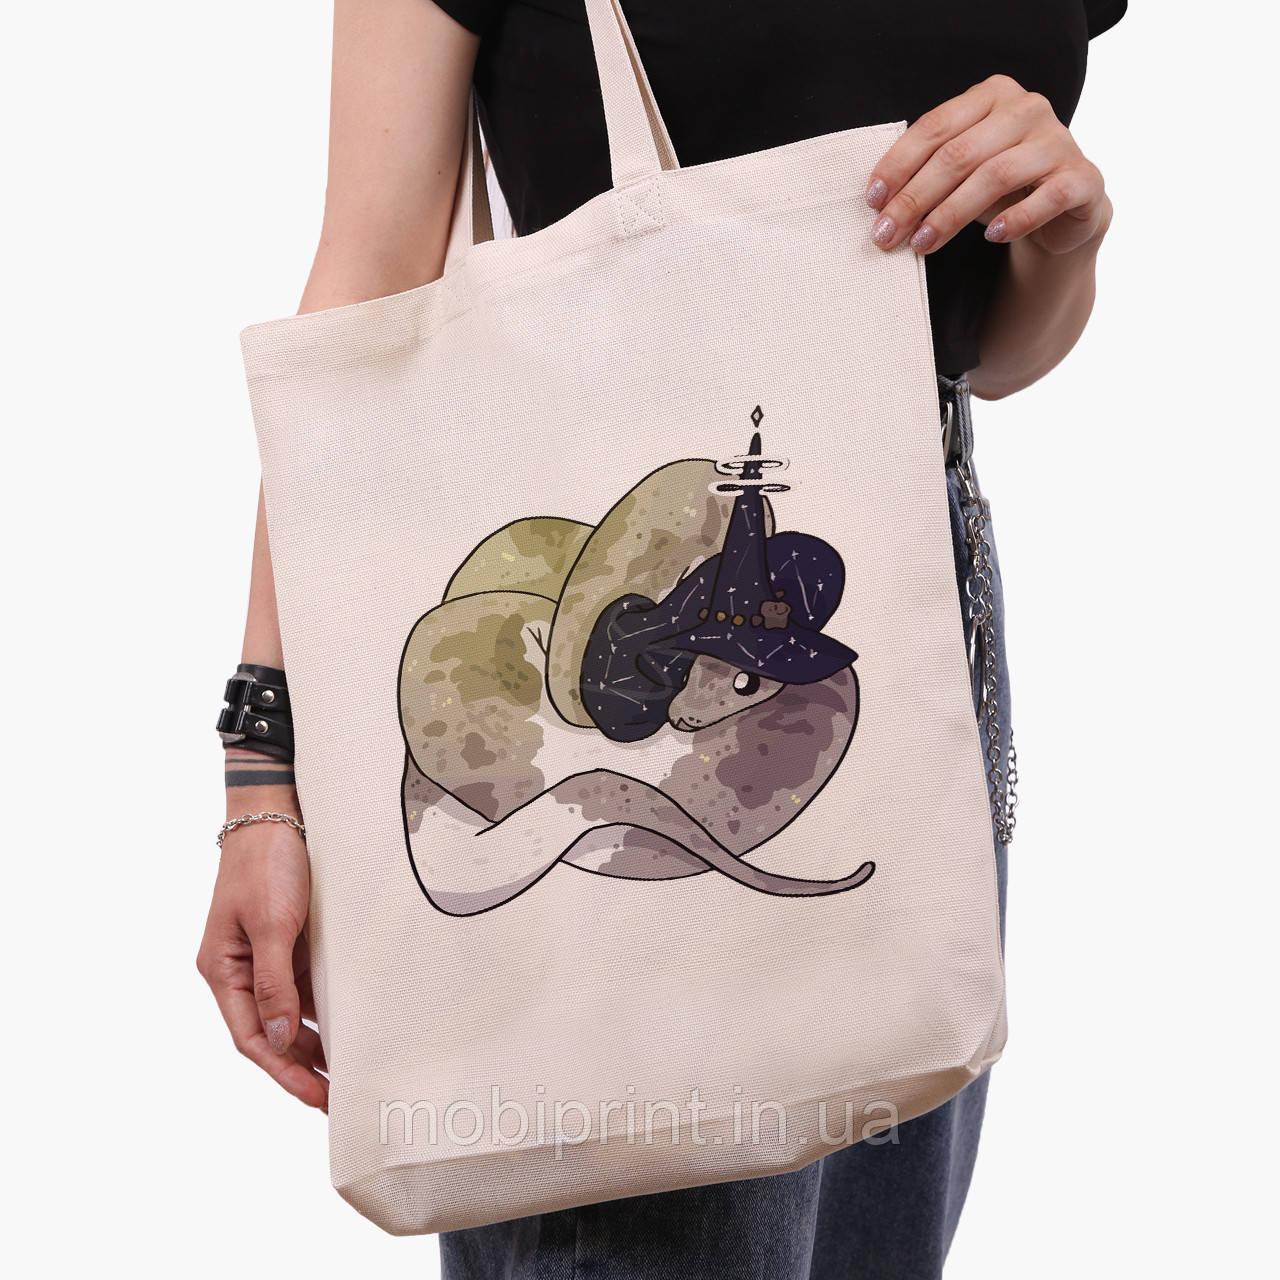 Еко сумка шоппер біла Магічна змія (Magic snake) (9227-2848-1) 41*39*8 см